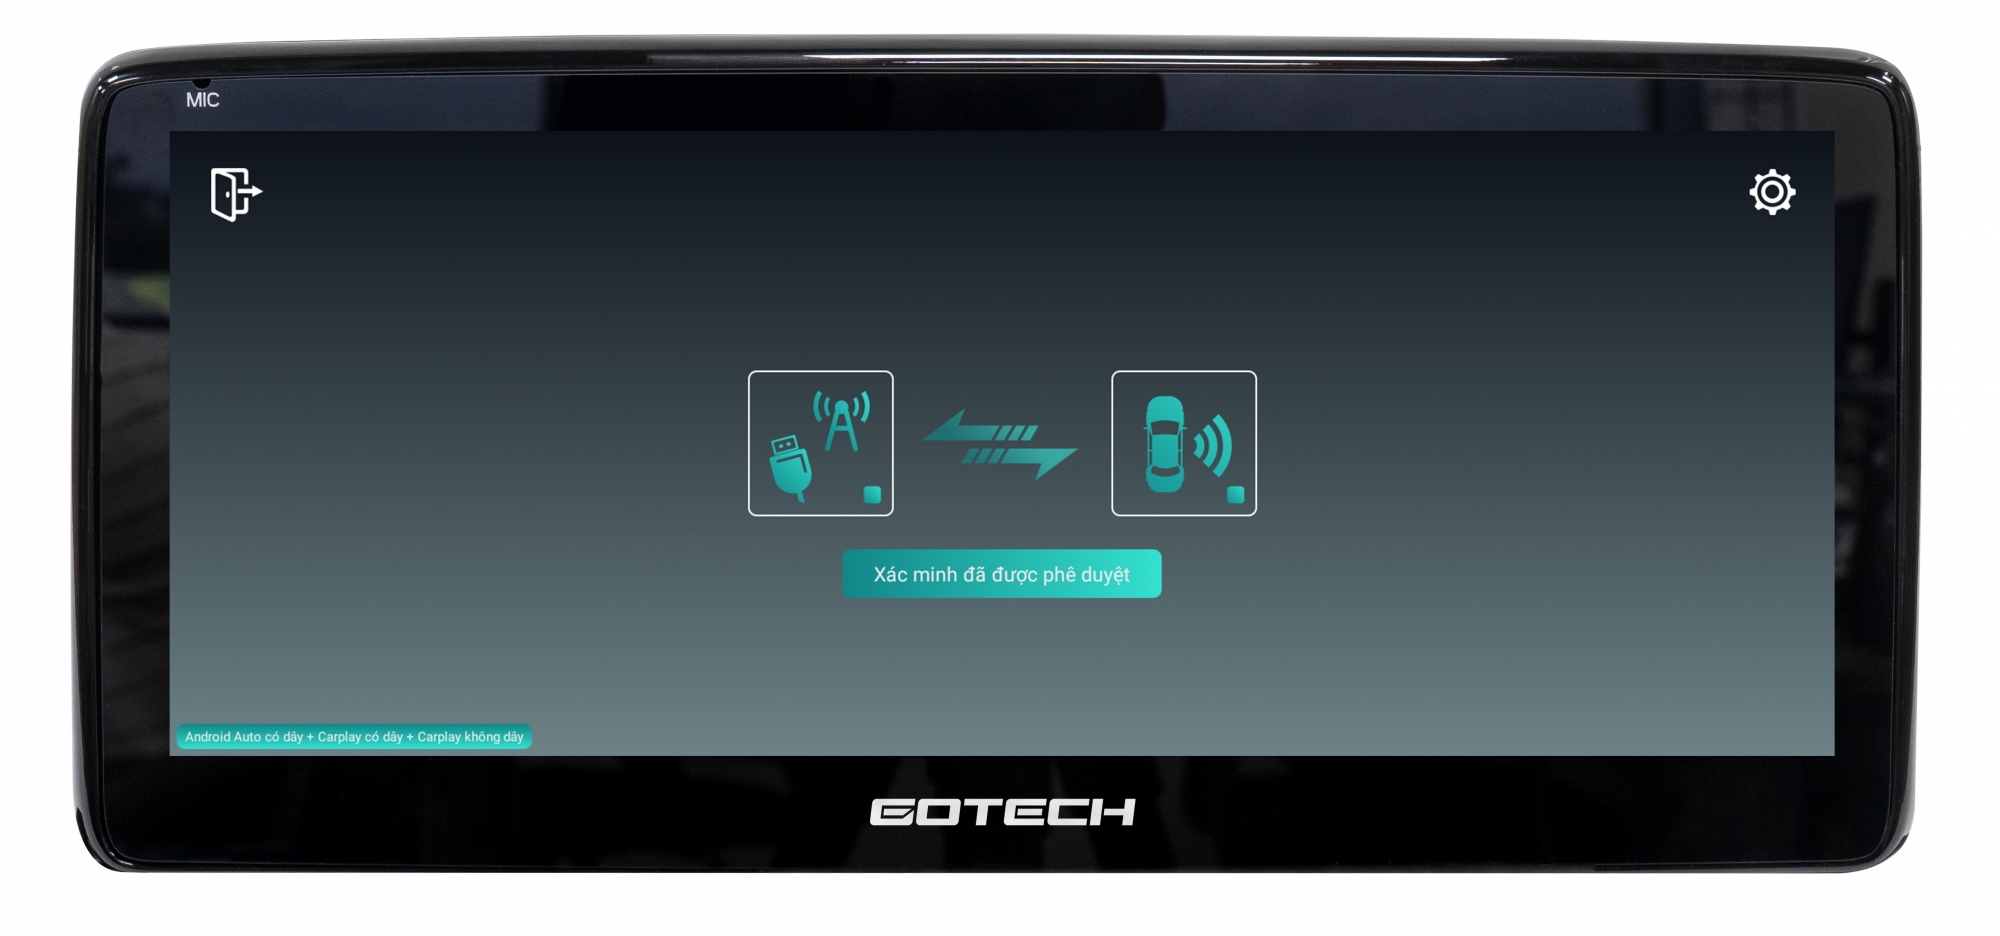 Kết nối với điện thoại thông qua Bluetooth hoặc Apple Carplay